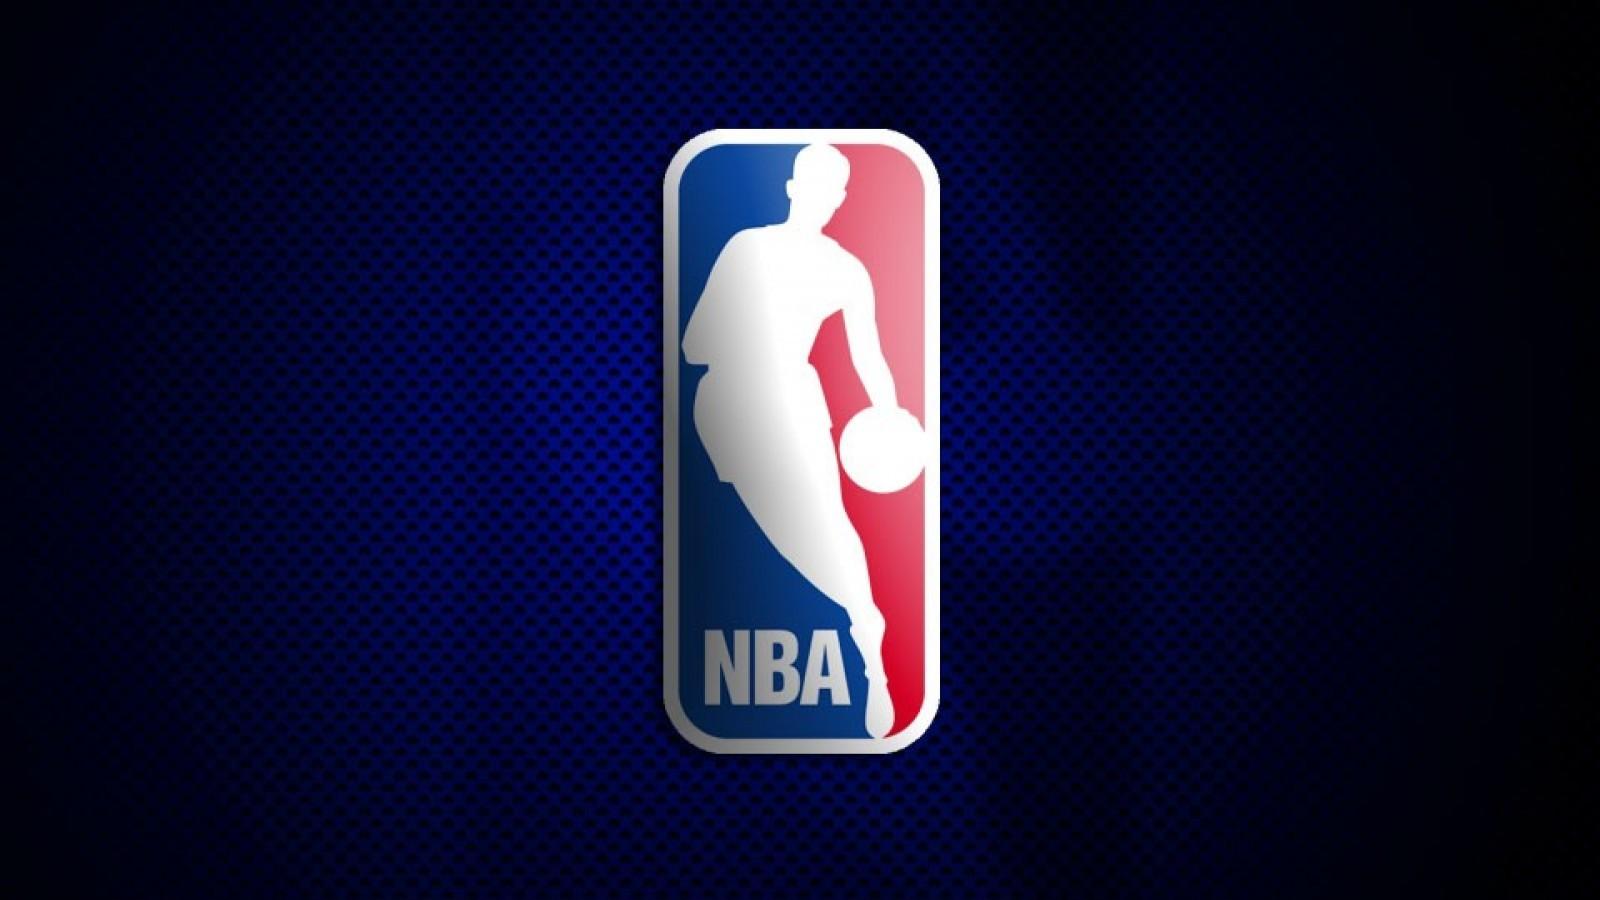 Найкращі моменти другого матчу фіналу НБА: відео